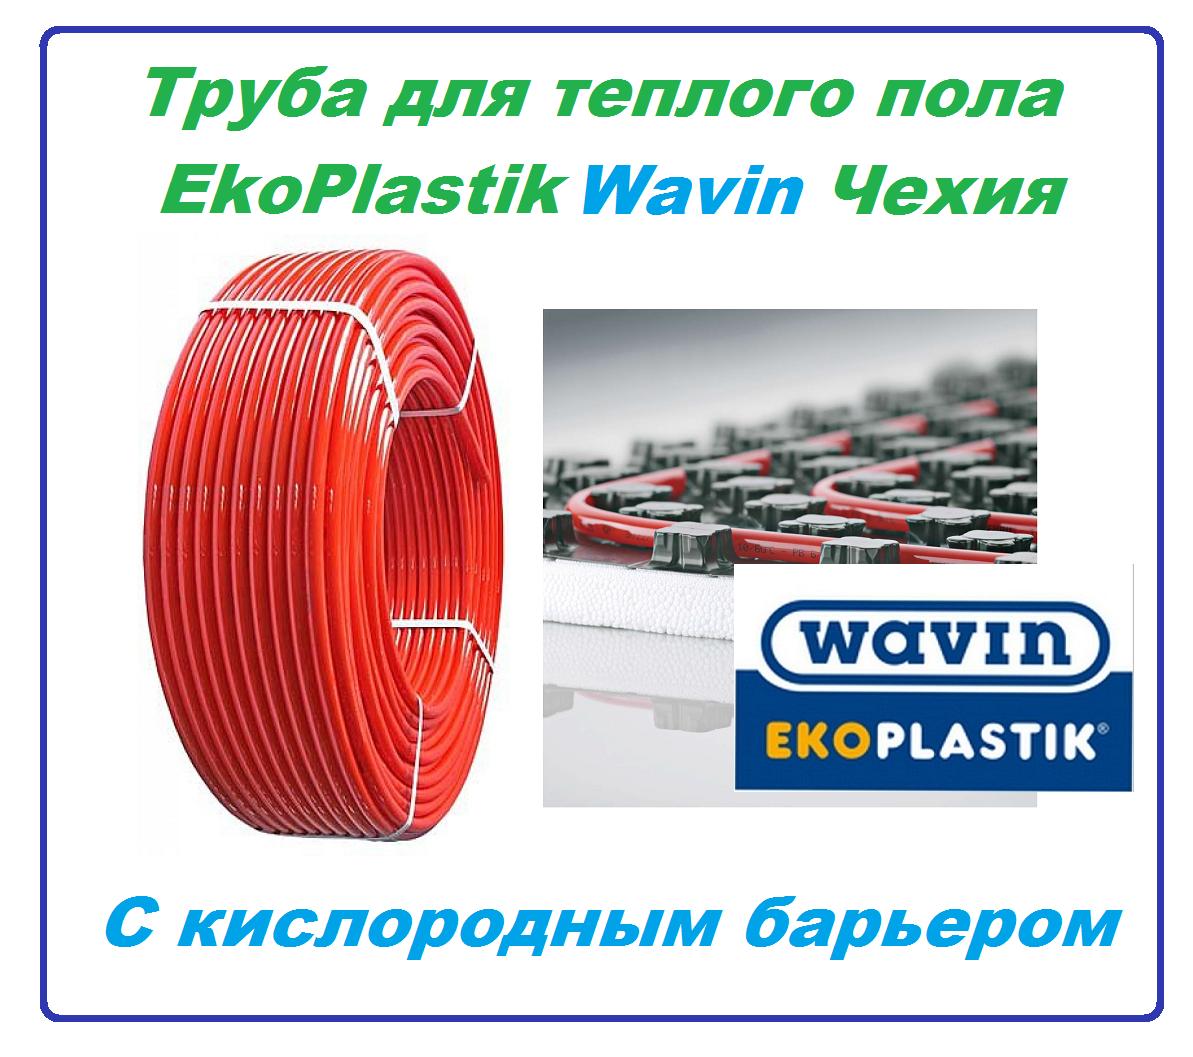 Труба для теплого пола 16х2 сшитый полиэтилен с oxygen barrier  PEX-B EkoPlastik Wavin Чехия